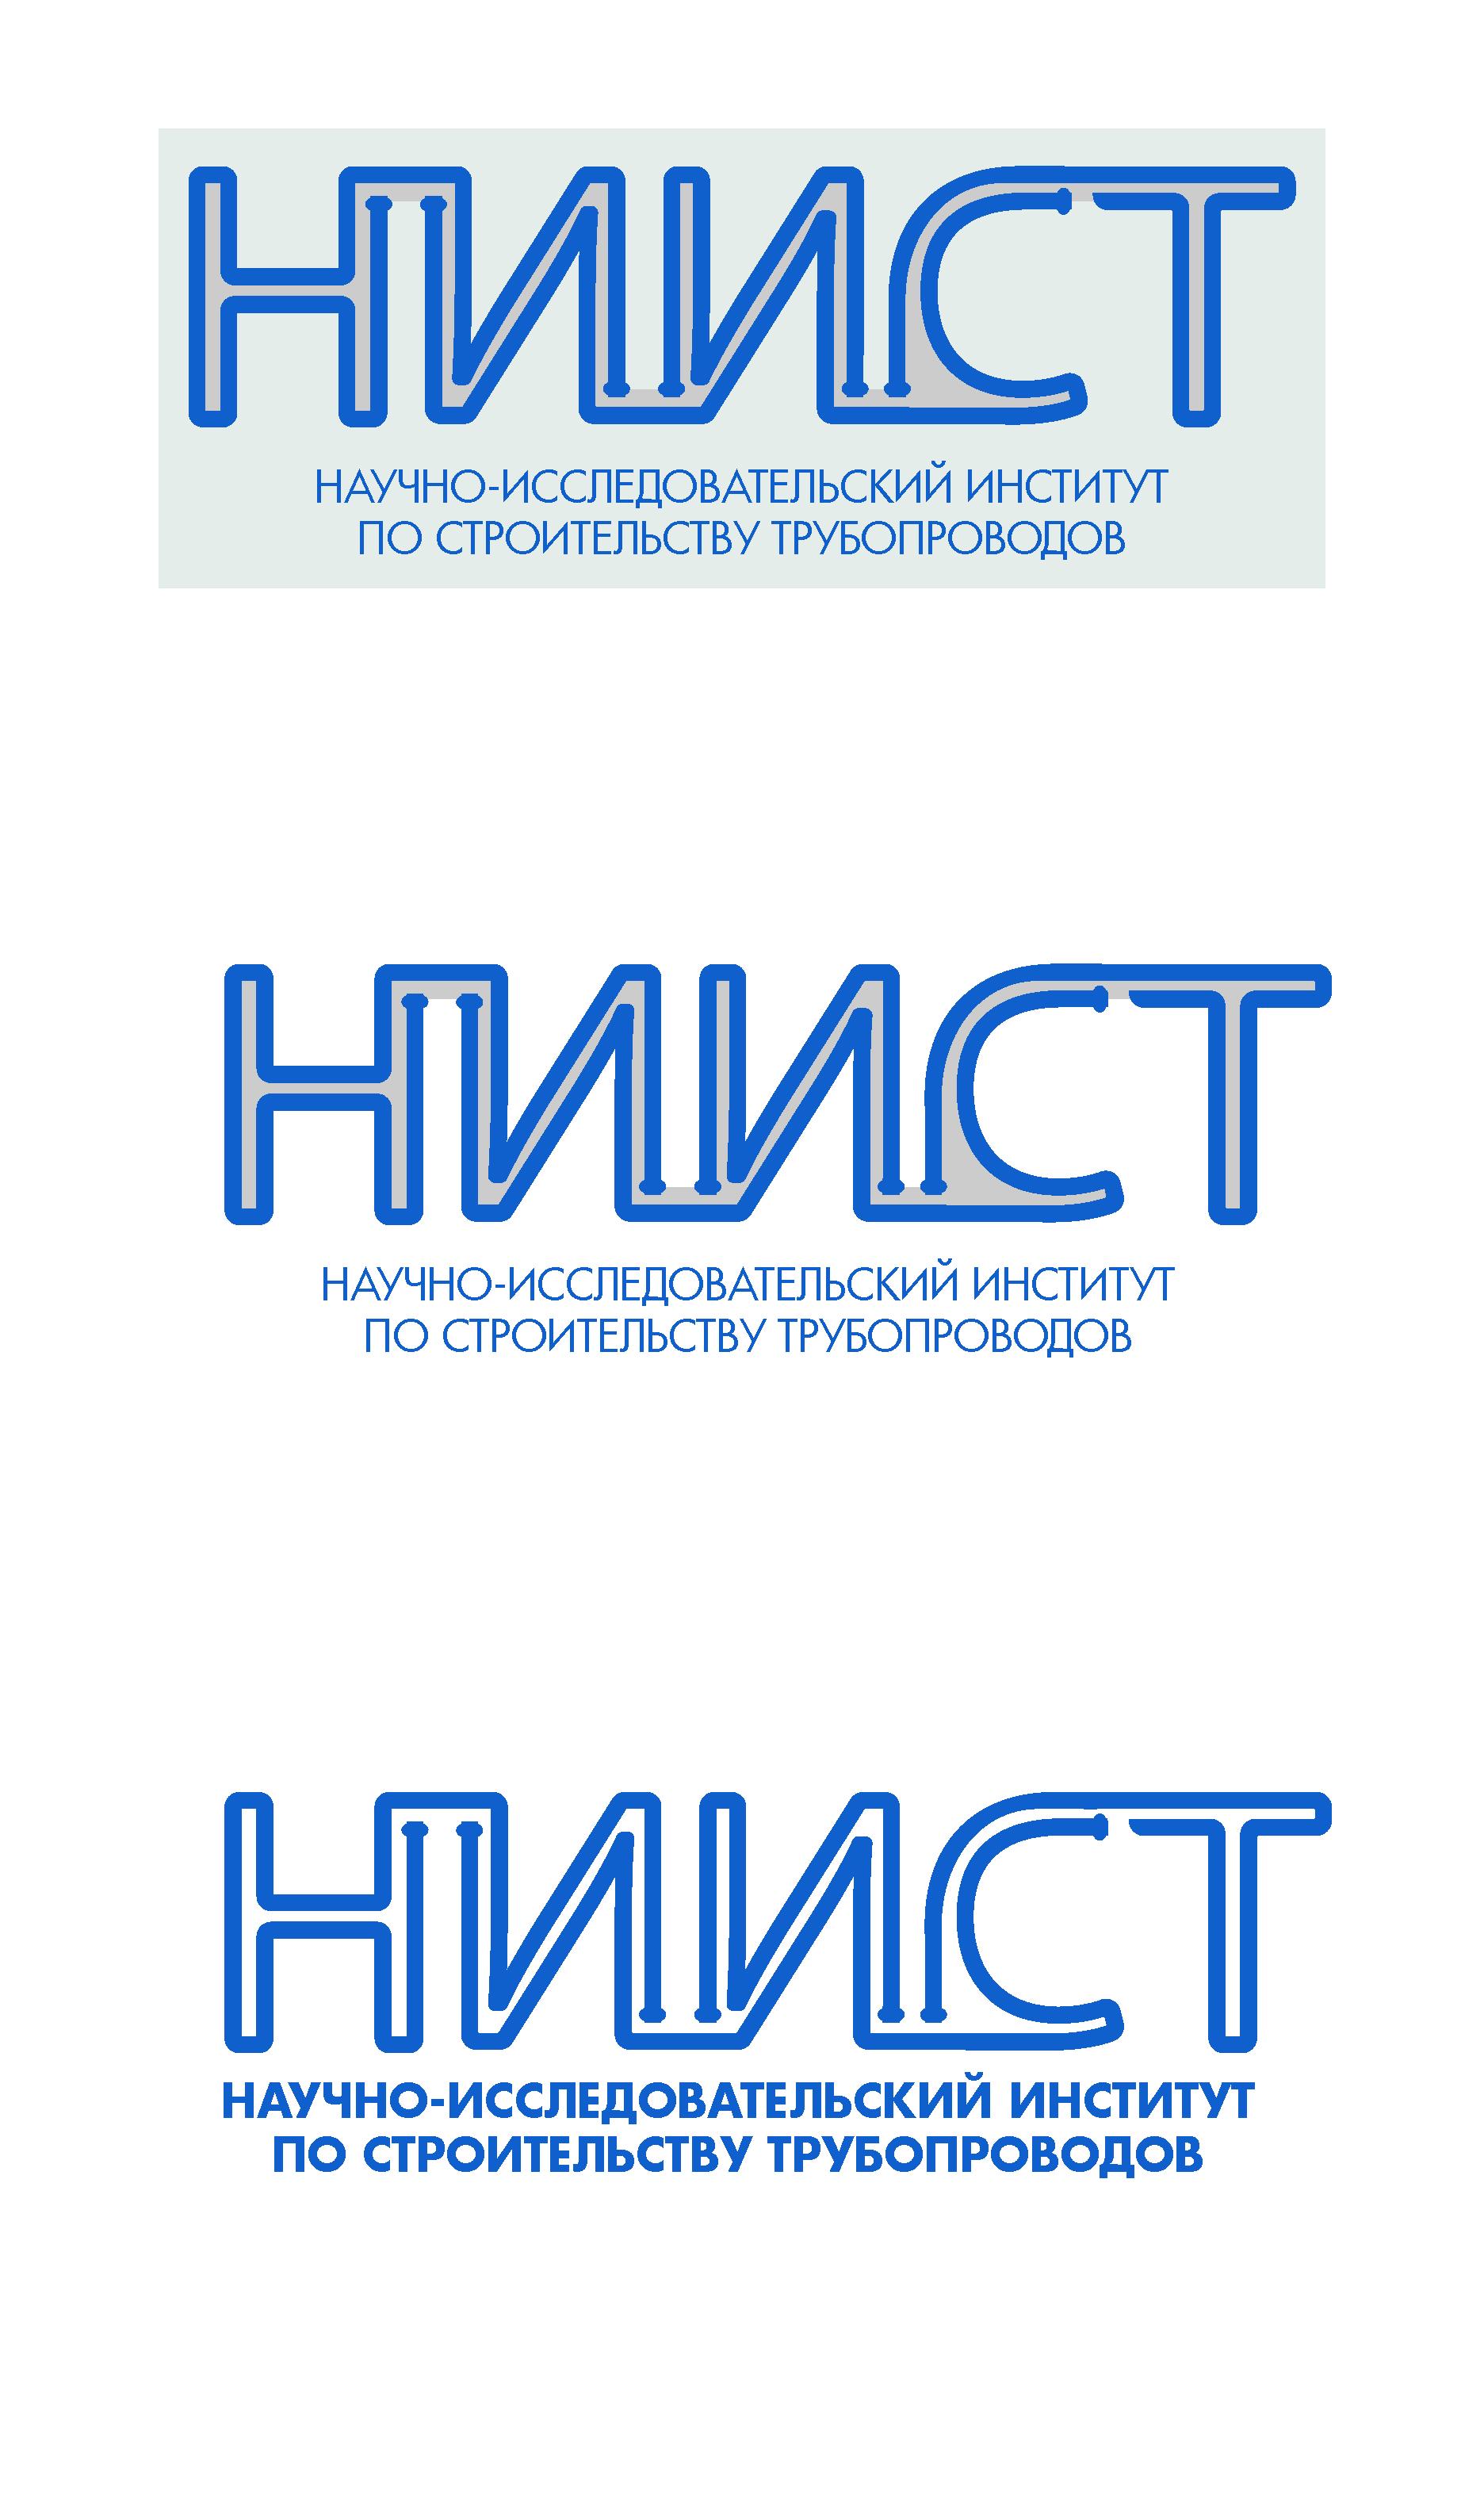 Разработка логотипа фото f_4175b9f8fec02ef5.jpg